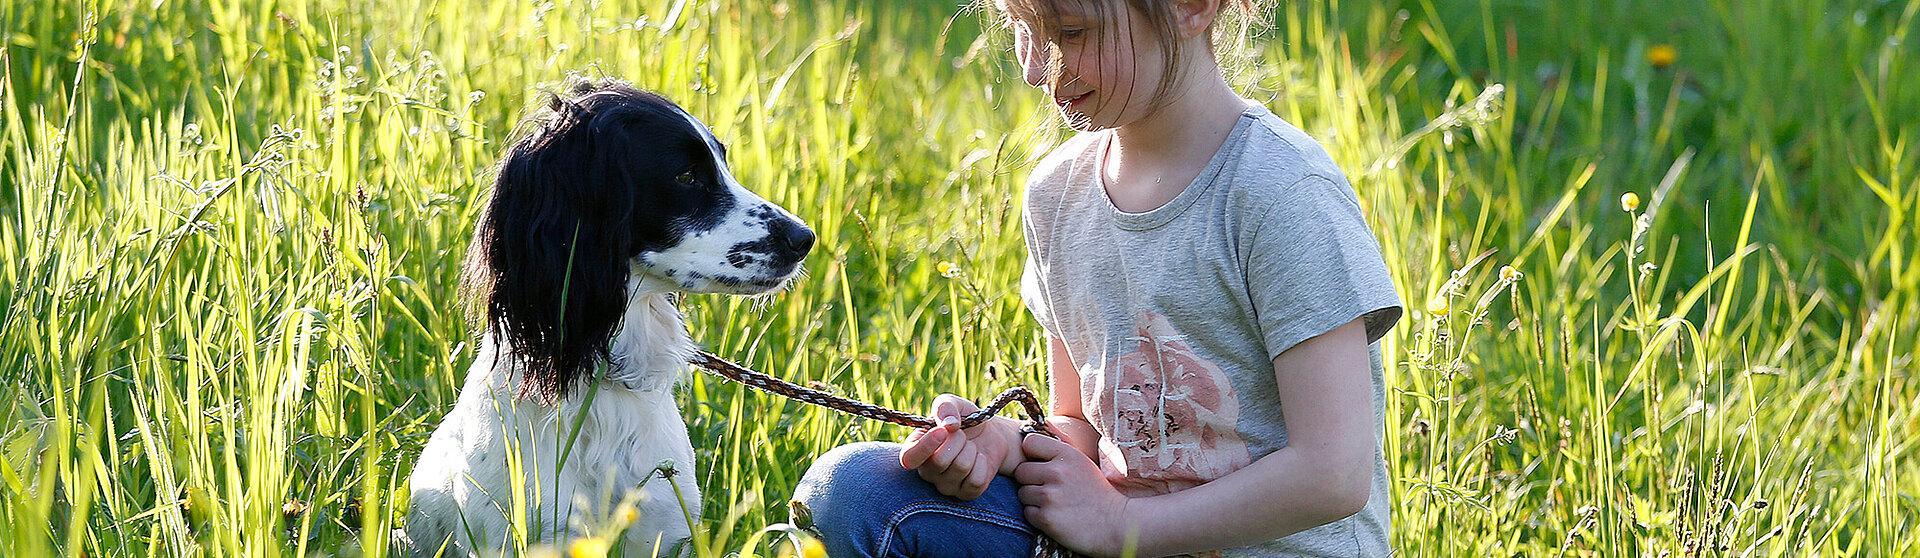 Mädchen liegt mit einem Hund auf dem Sofa